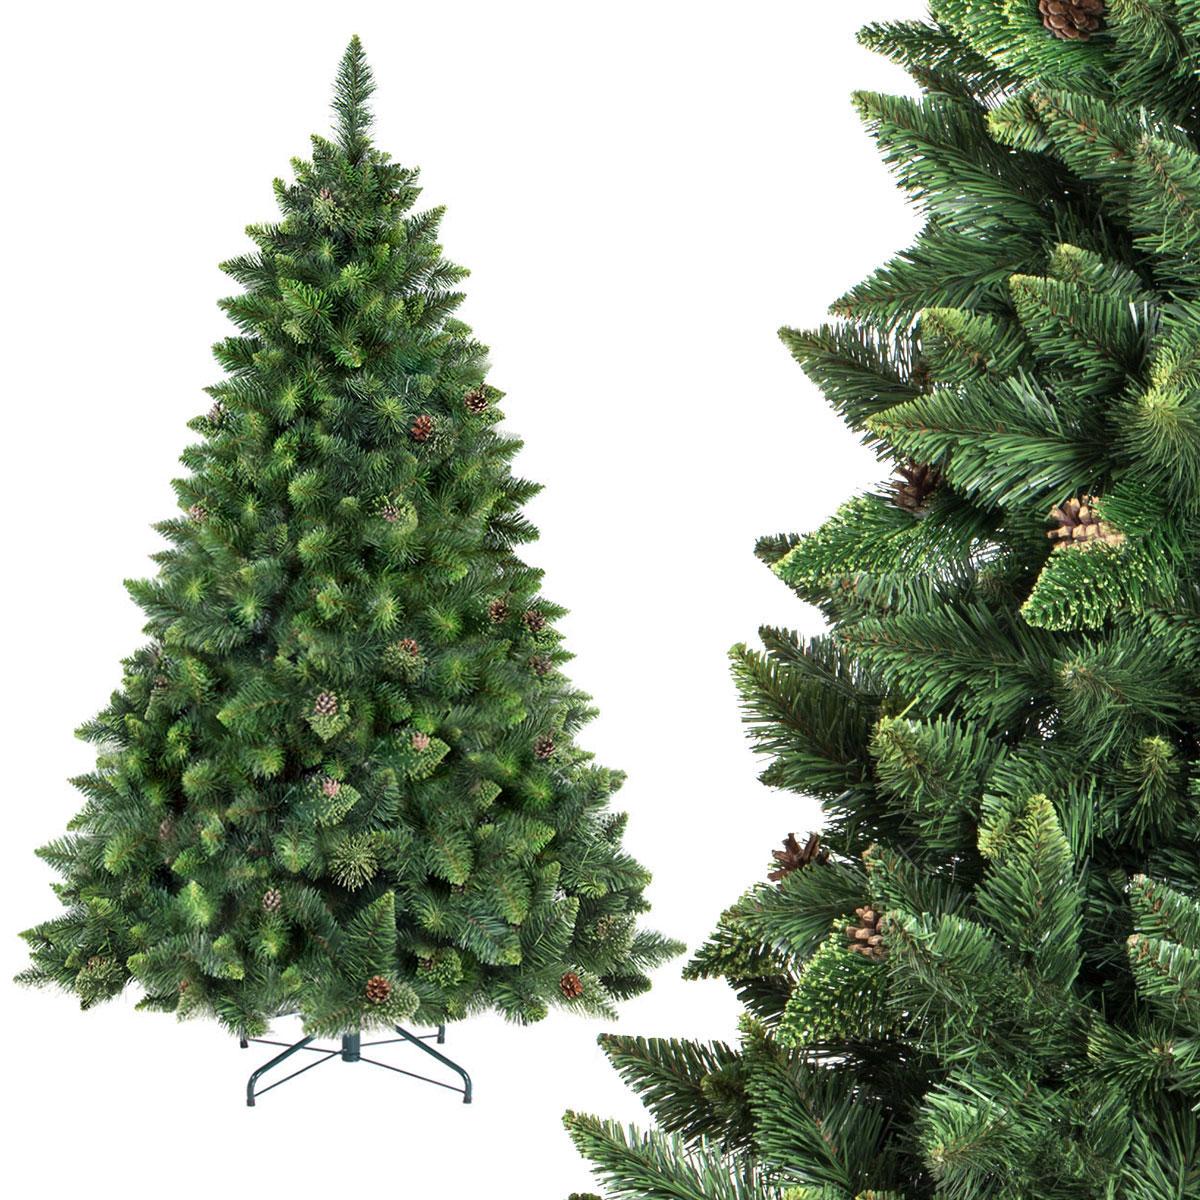 weihnachtsbaum kunstbaum k nstlicher baum weihnachten schnee tannenbaum neuheit ebay. Black Bedroom Furniture Sets. Home Design Ideas